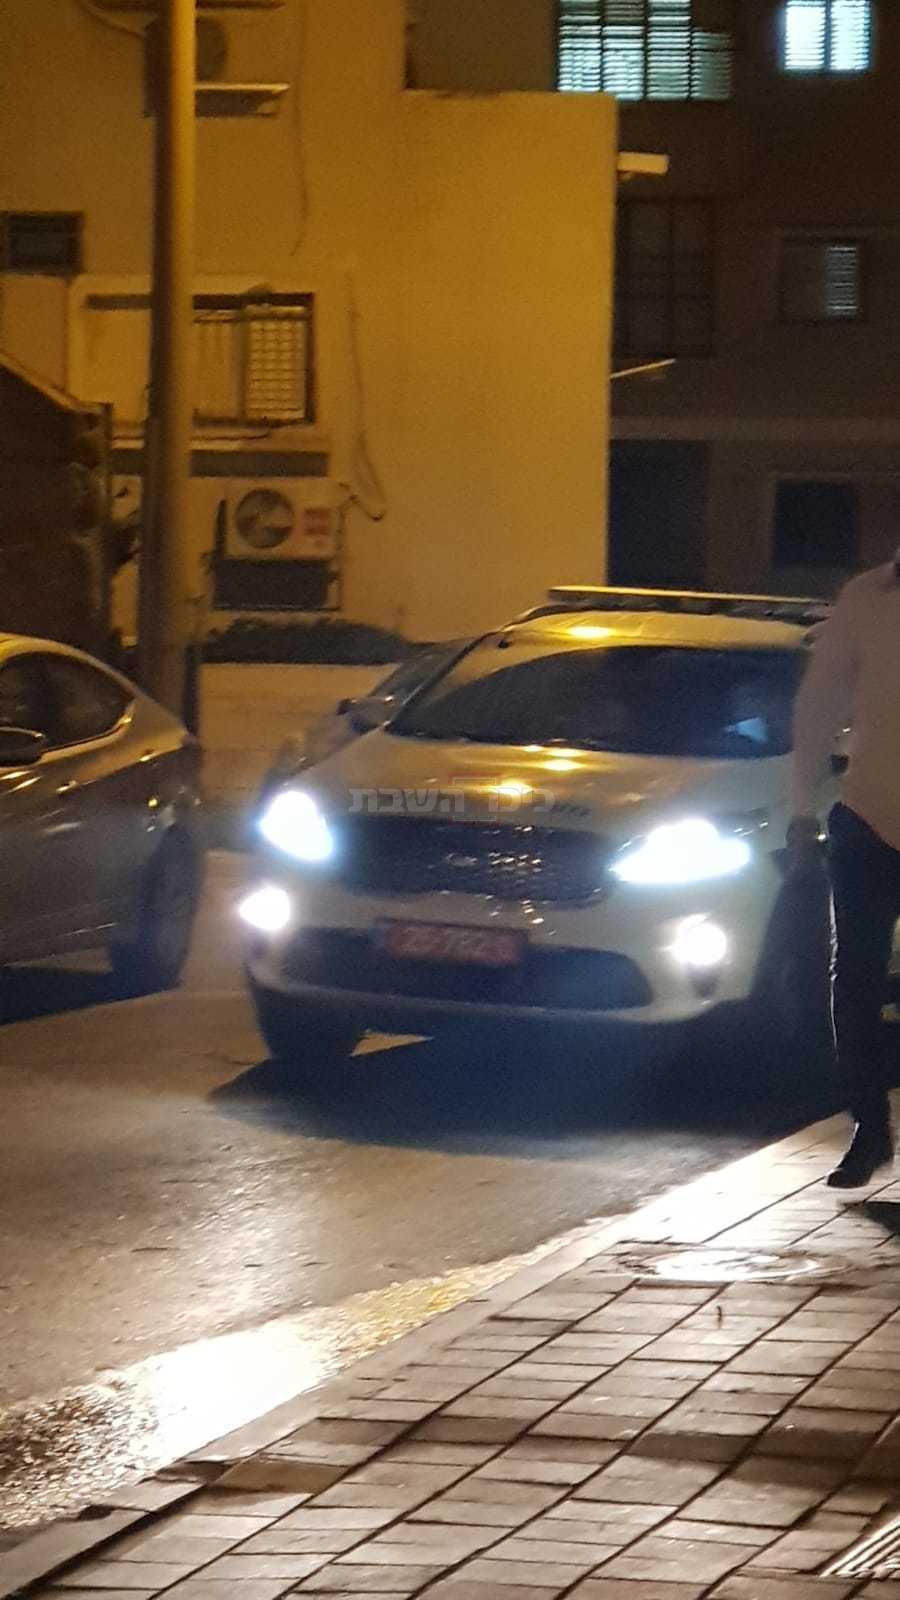 המשטרה שהוזעקה (צילום: ישראל, השכן)